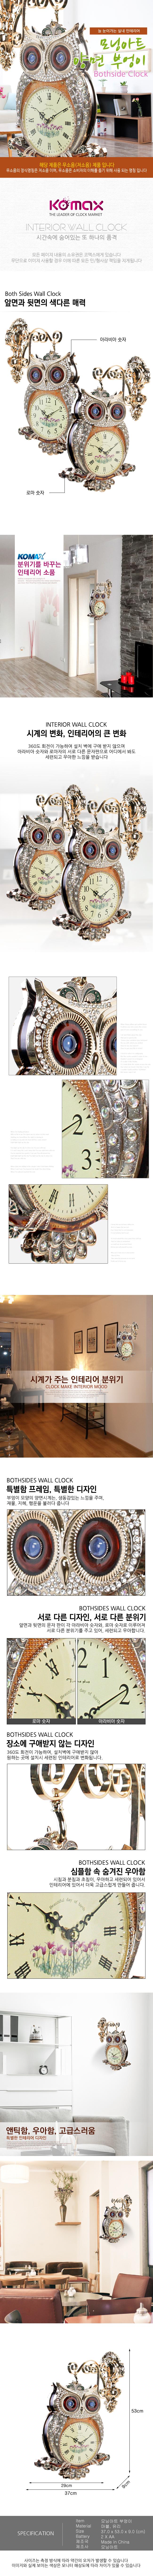 모닝아트 양면 부엉이G 무소음 양면벽시계 - 코맥스, 129,000원, 양면시계, 앤틱